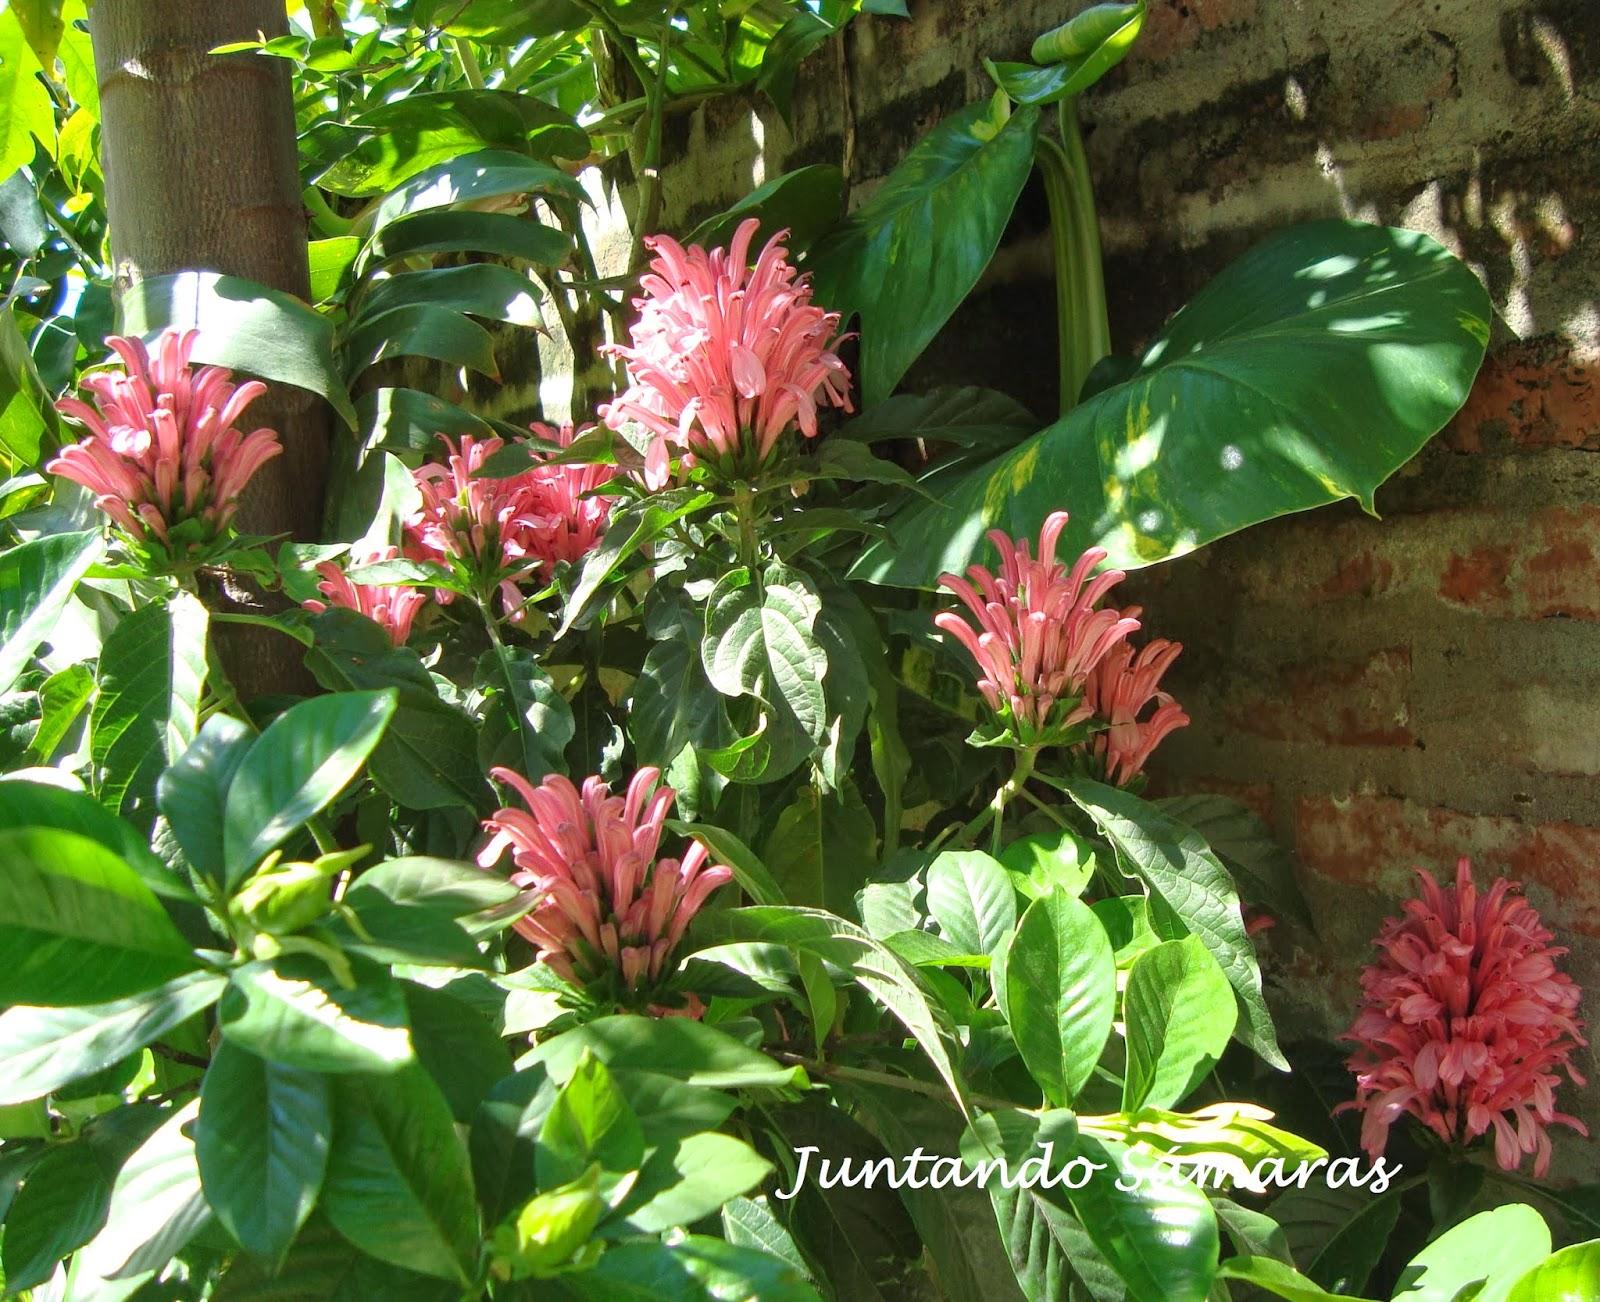 Juntando s maras jacobinia for Plantas perennes exterior